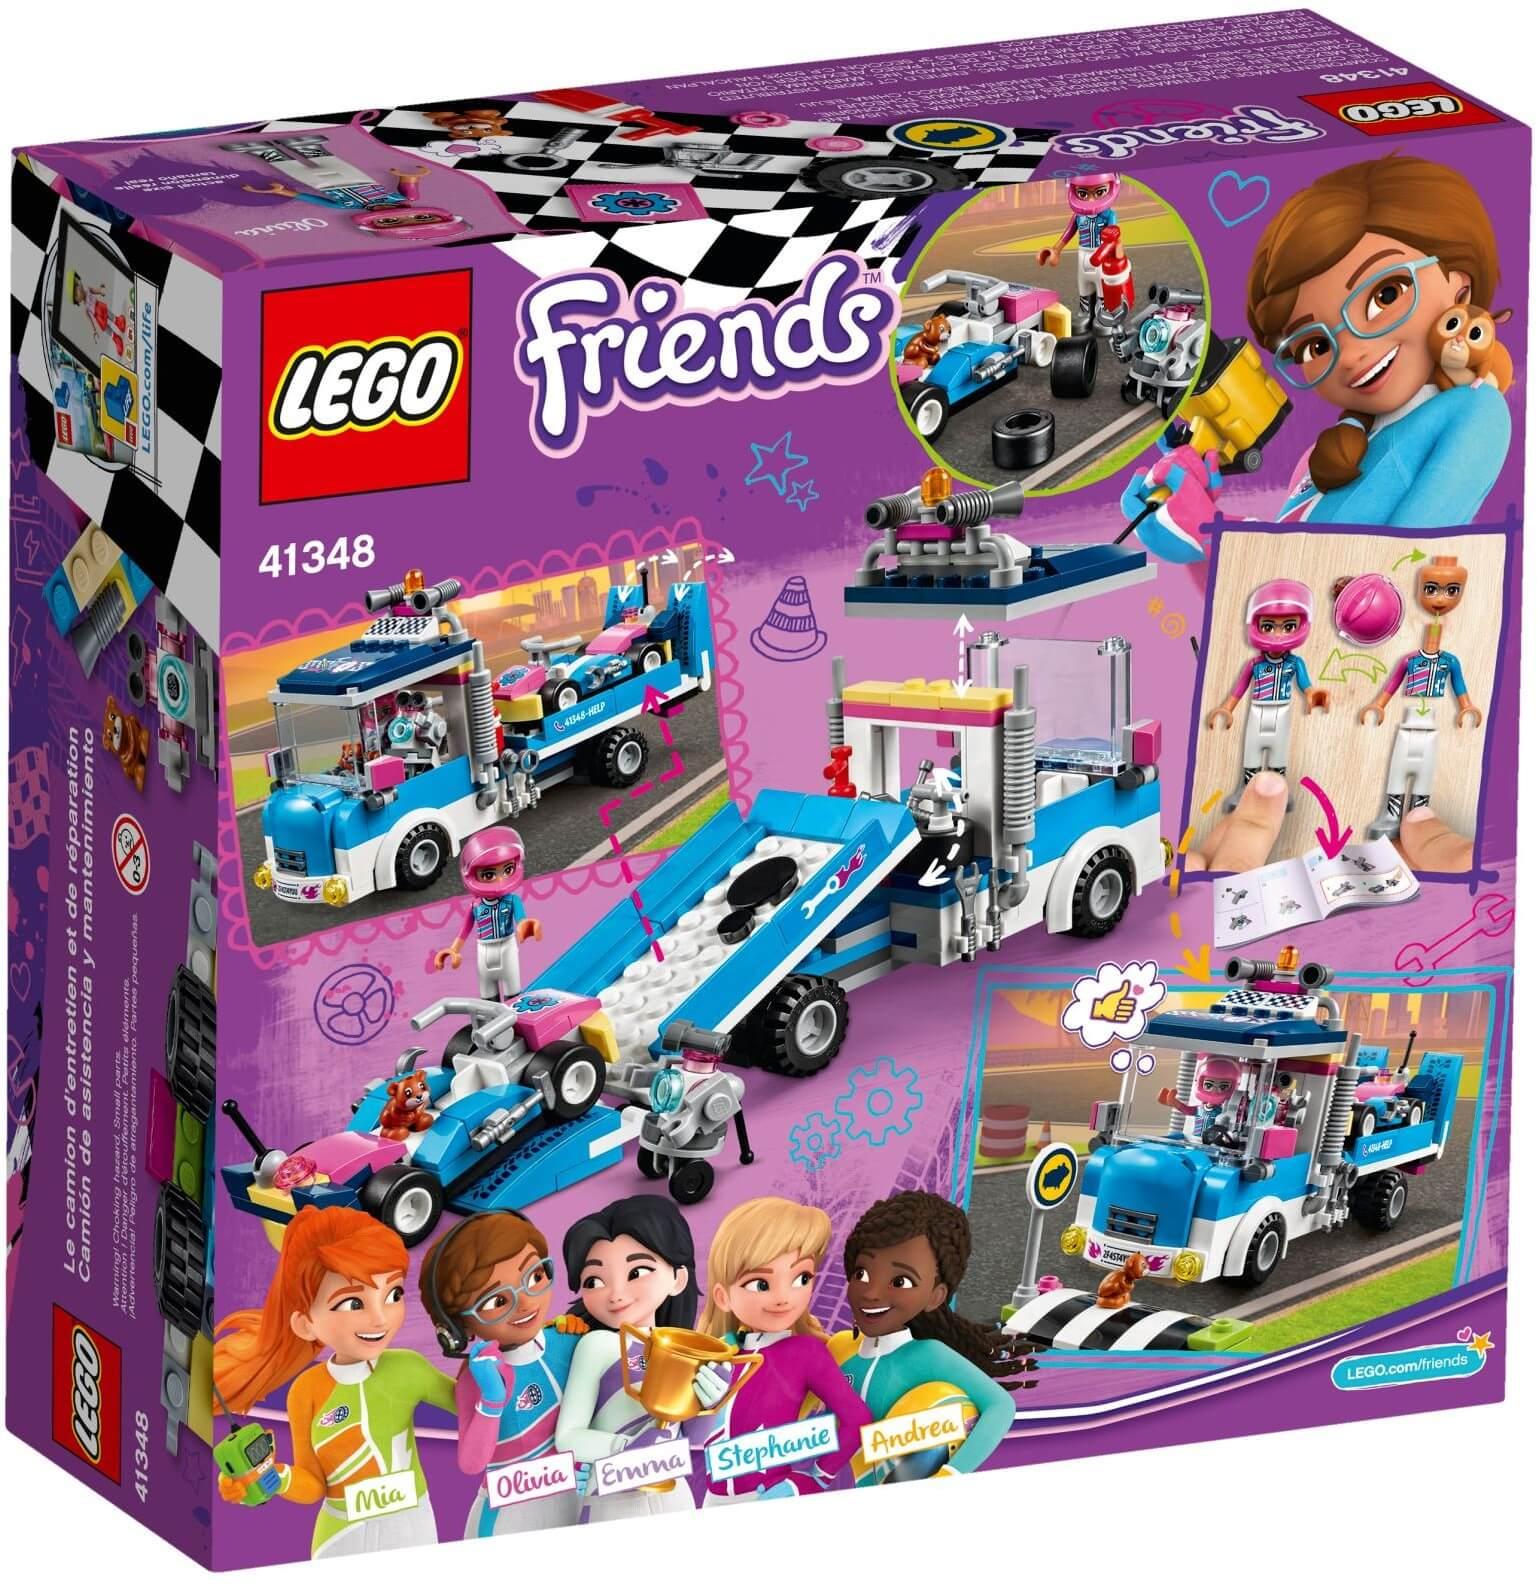 Mua đồ chơi LEGO 41348 - LEGO Friends 41348 - Đội Xe Đua Heartlake (LEGO 41348 Service & Care Truck)